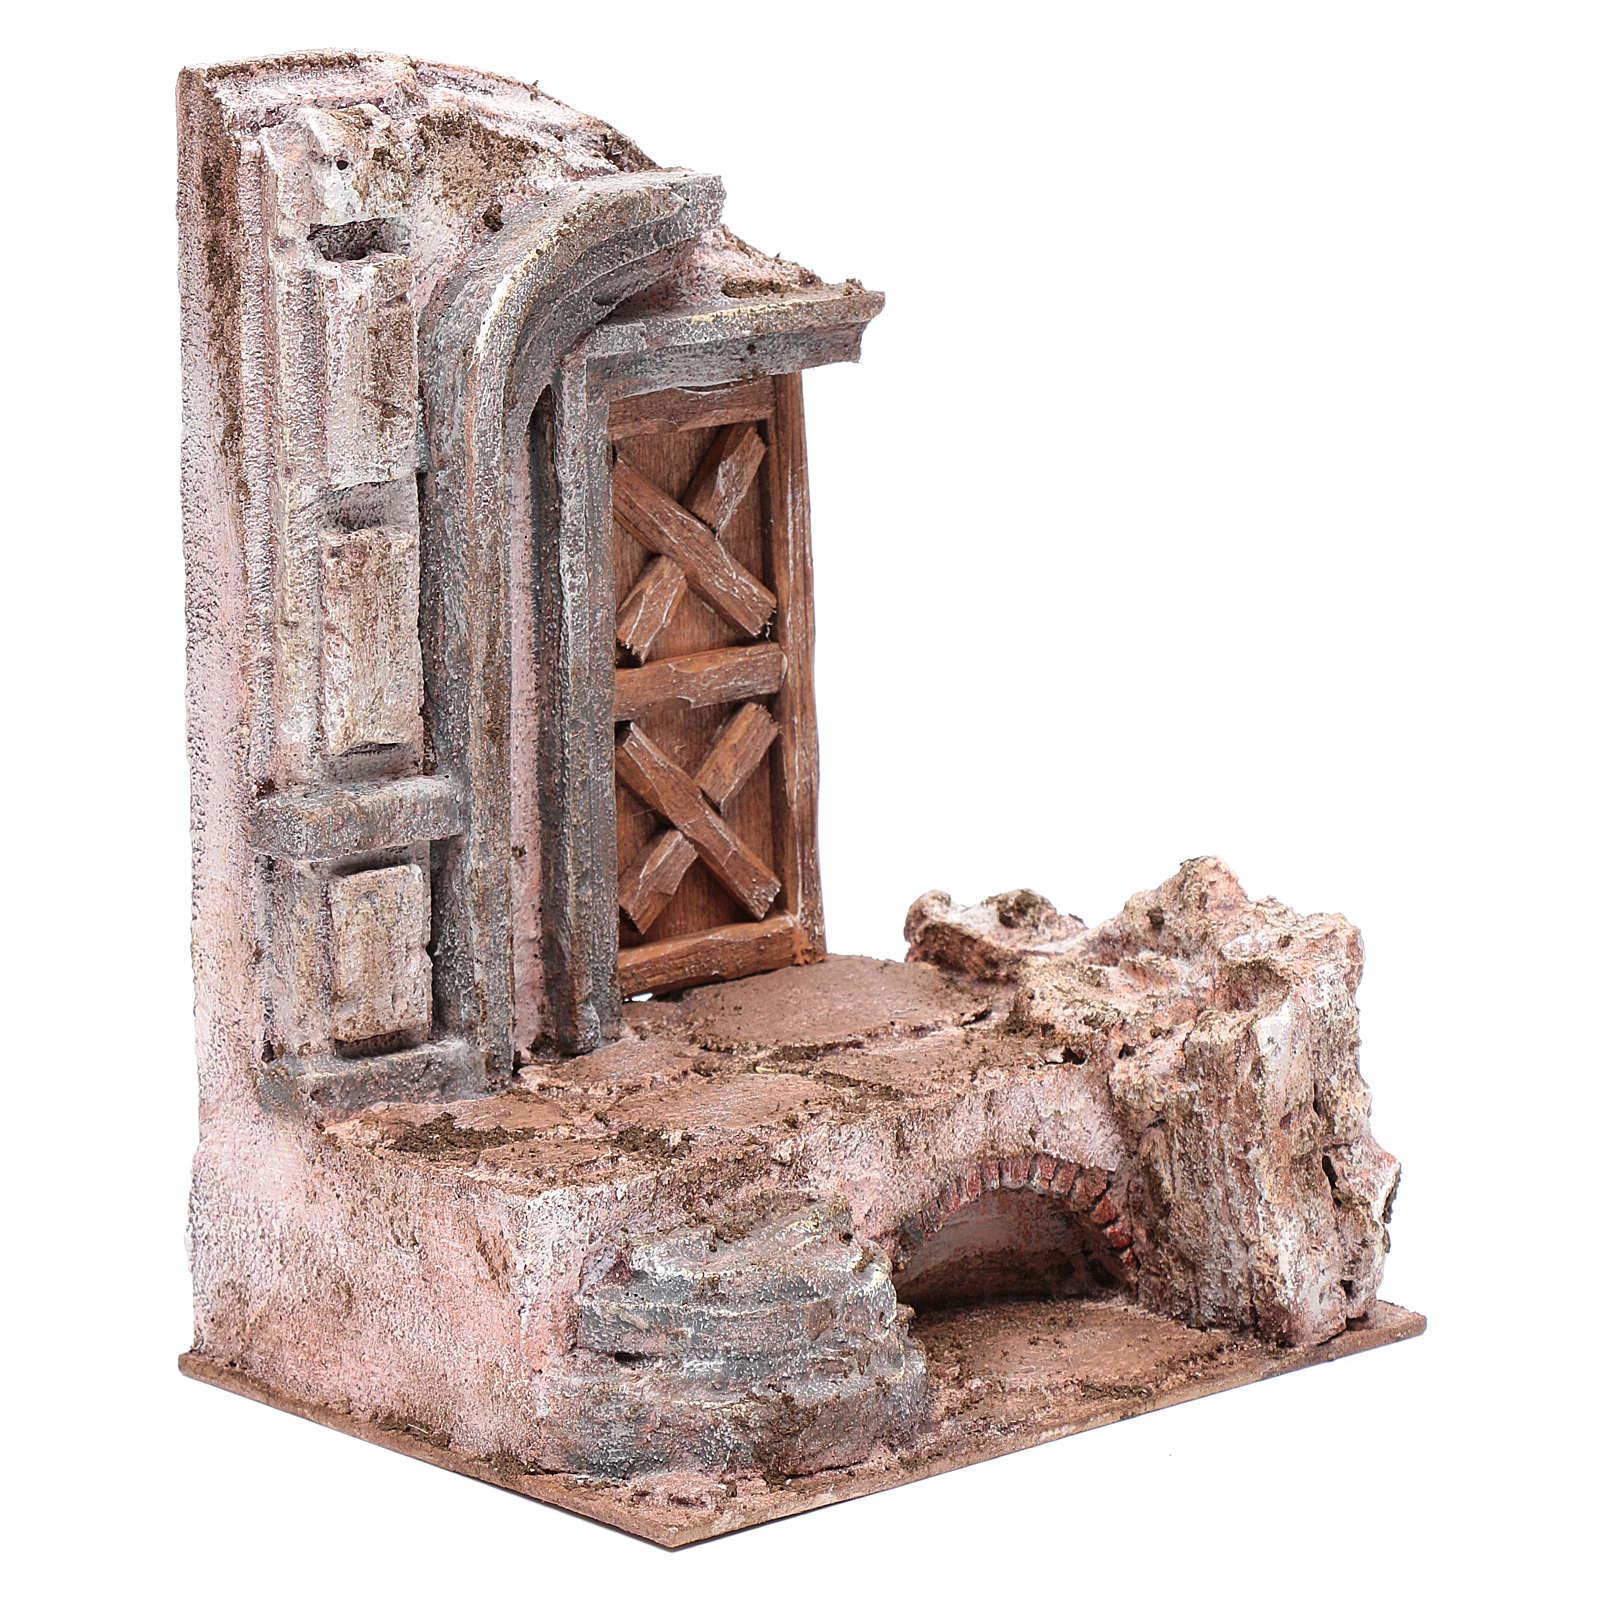 Tempio porta legno 25x20x15 cm per presepe 4